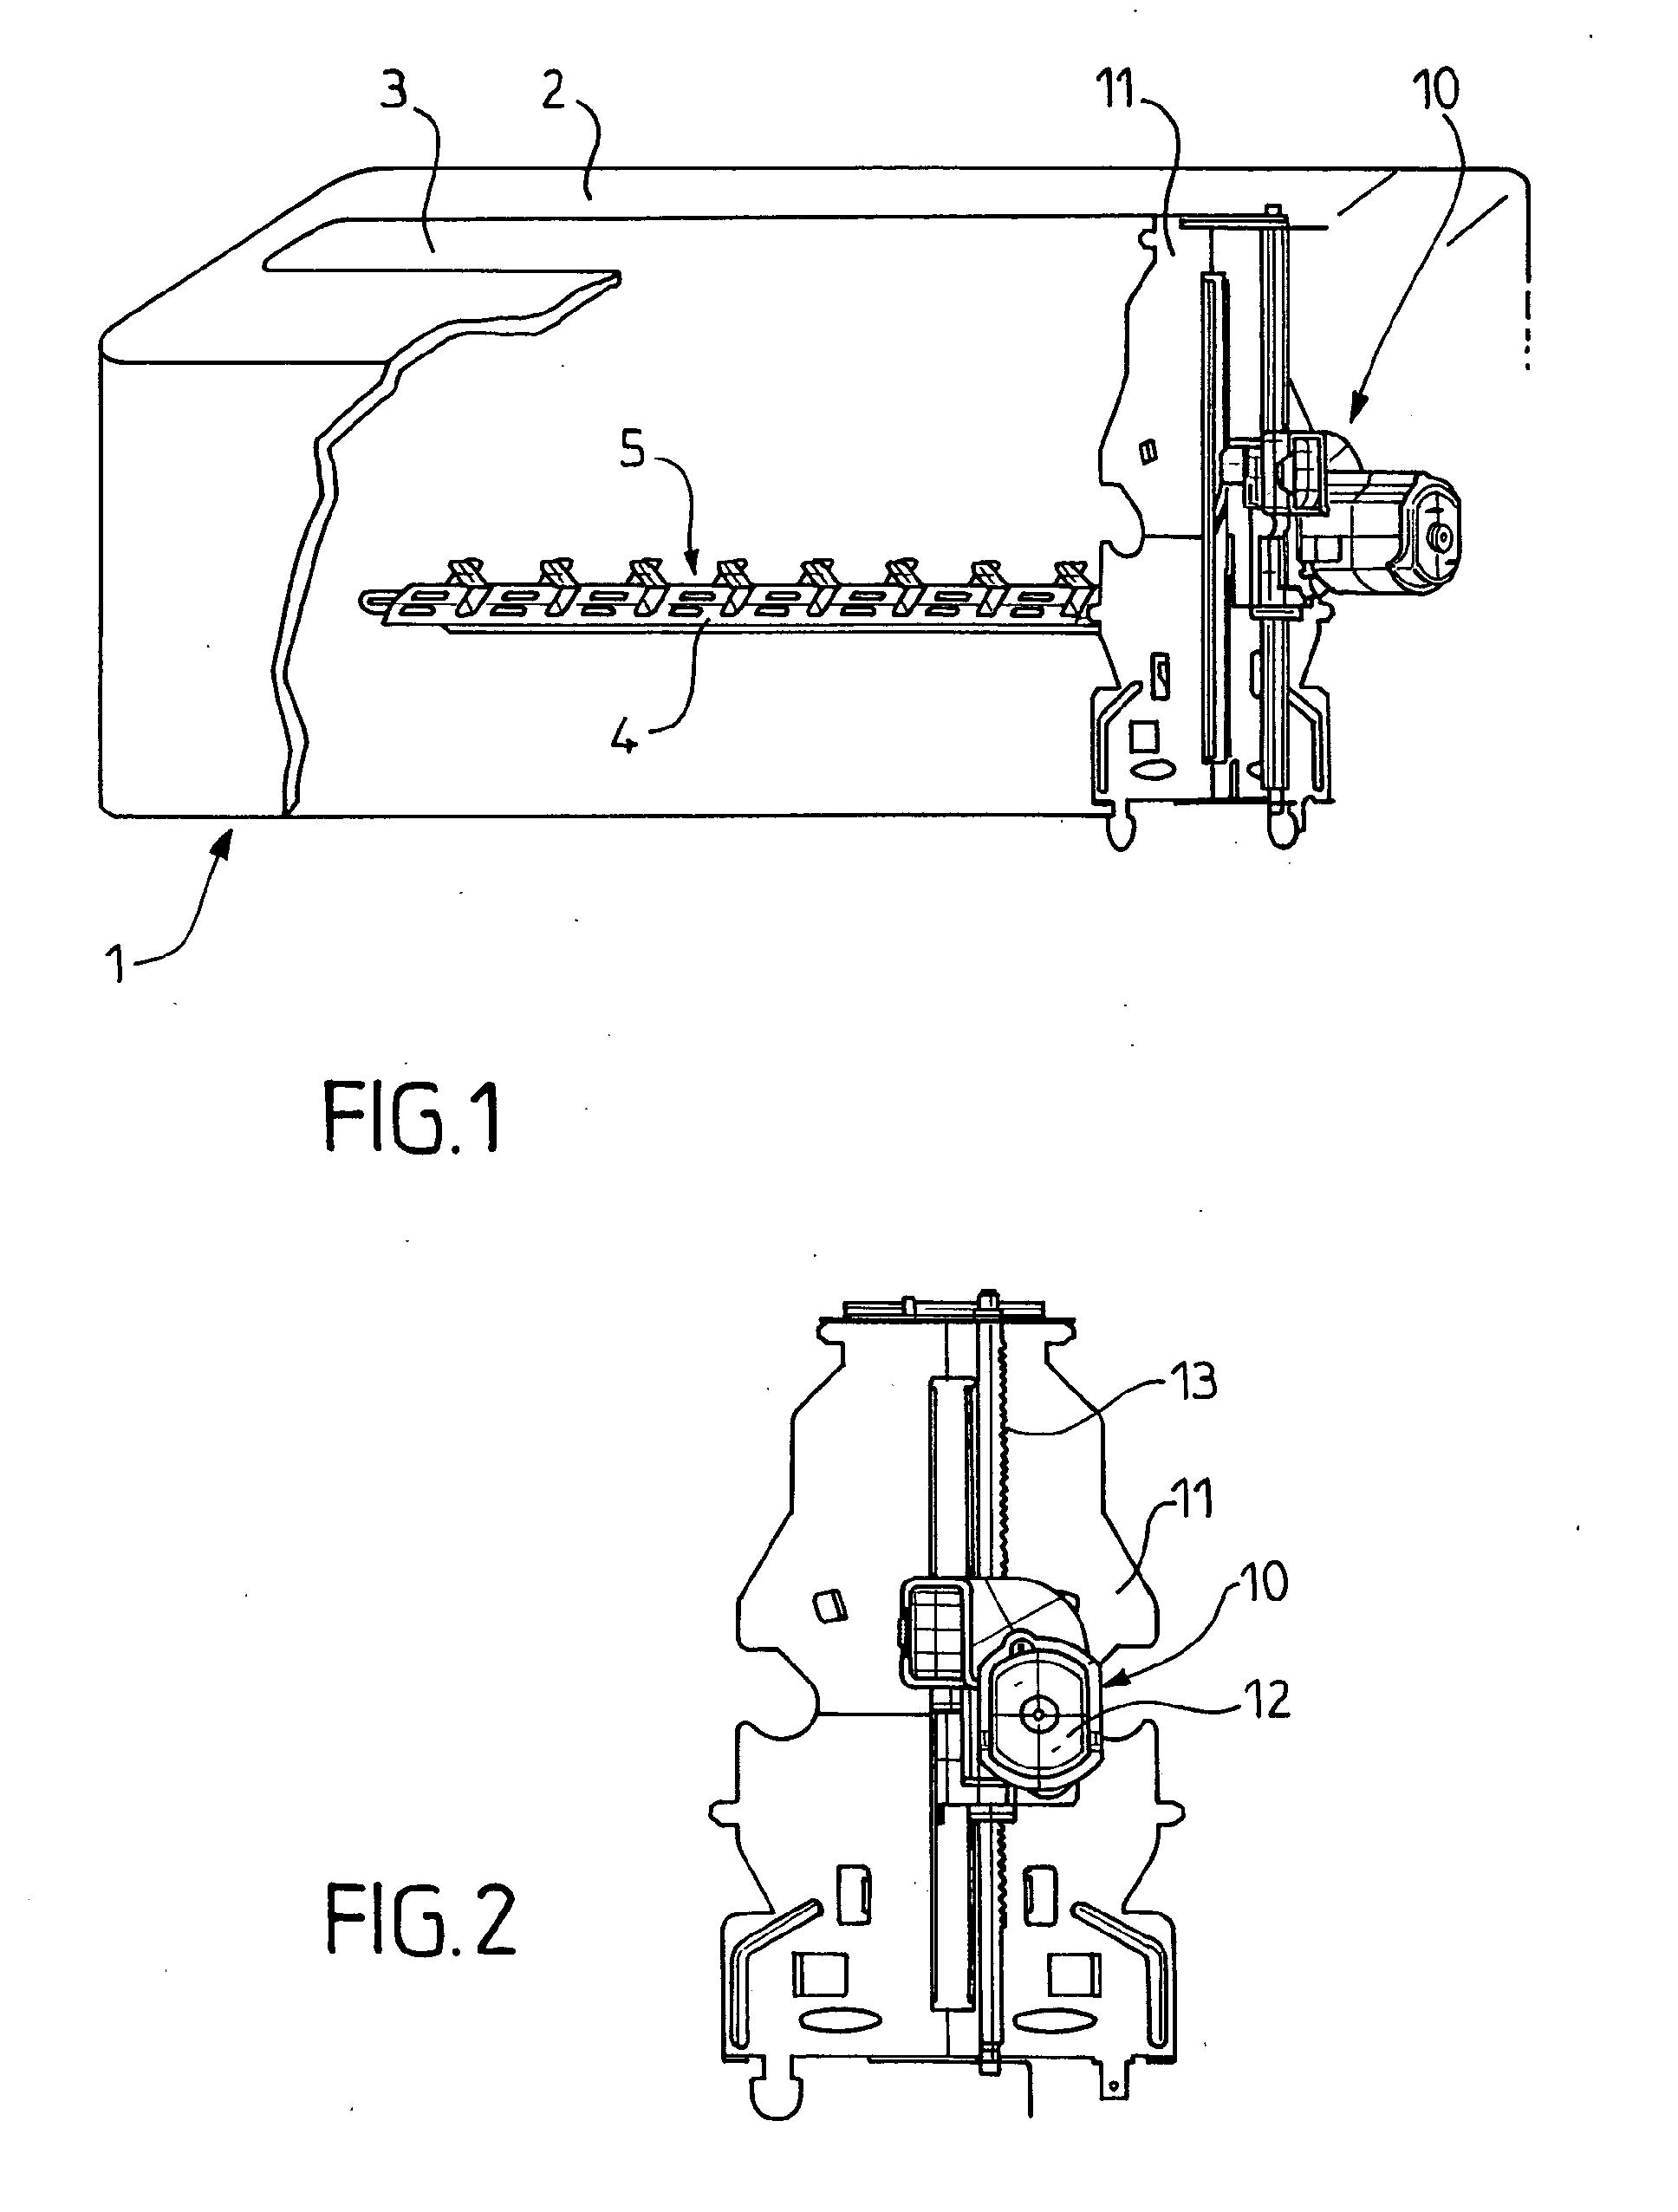 patent ep1498061a1 appareil lectrom nager lectrique quip d 39 un moteur lectrique et. Black Bedroom Furniture Sets. Home Design Ideas